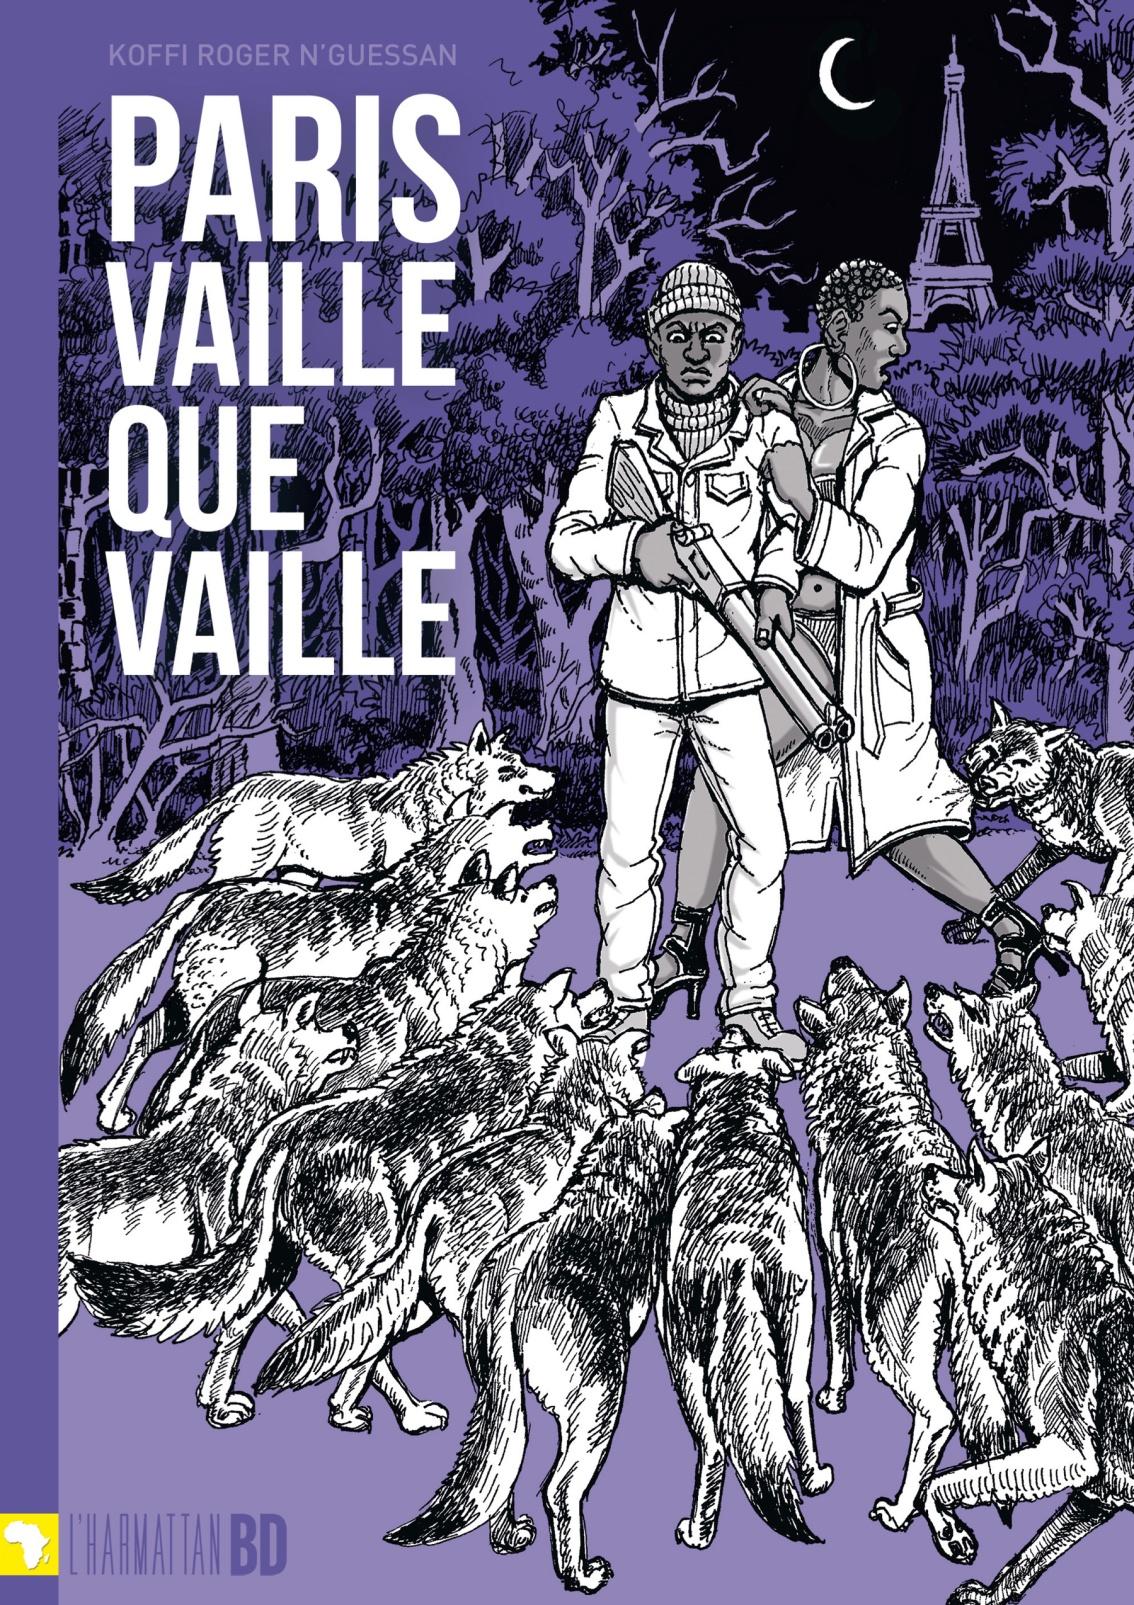 Paris vaille que vaille – Koffi Roger Nguessan –2014